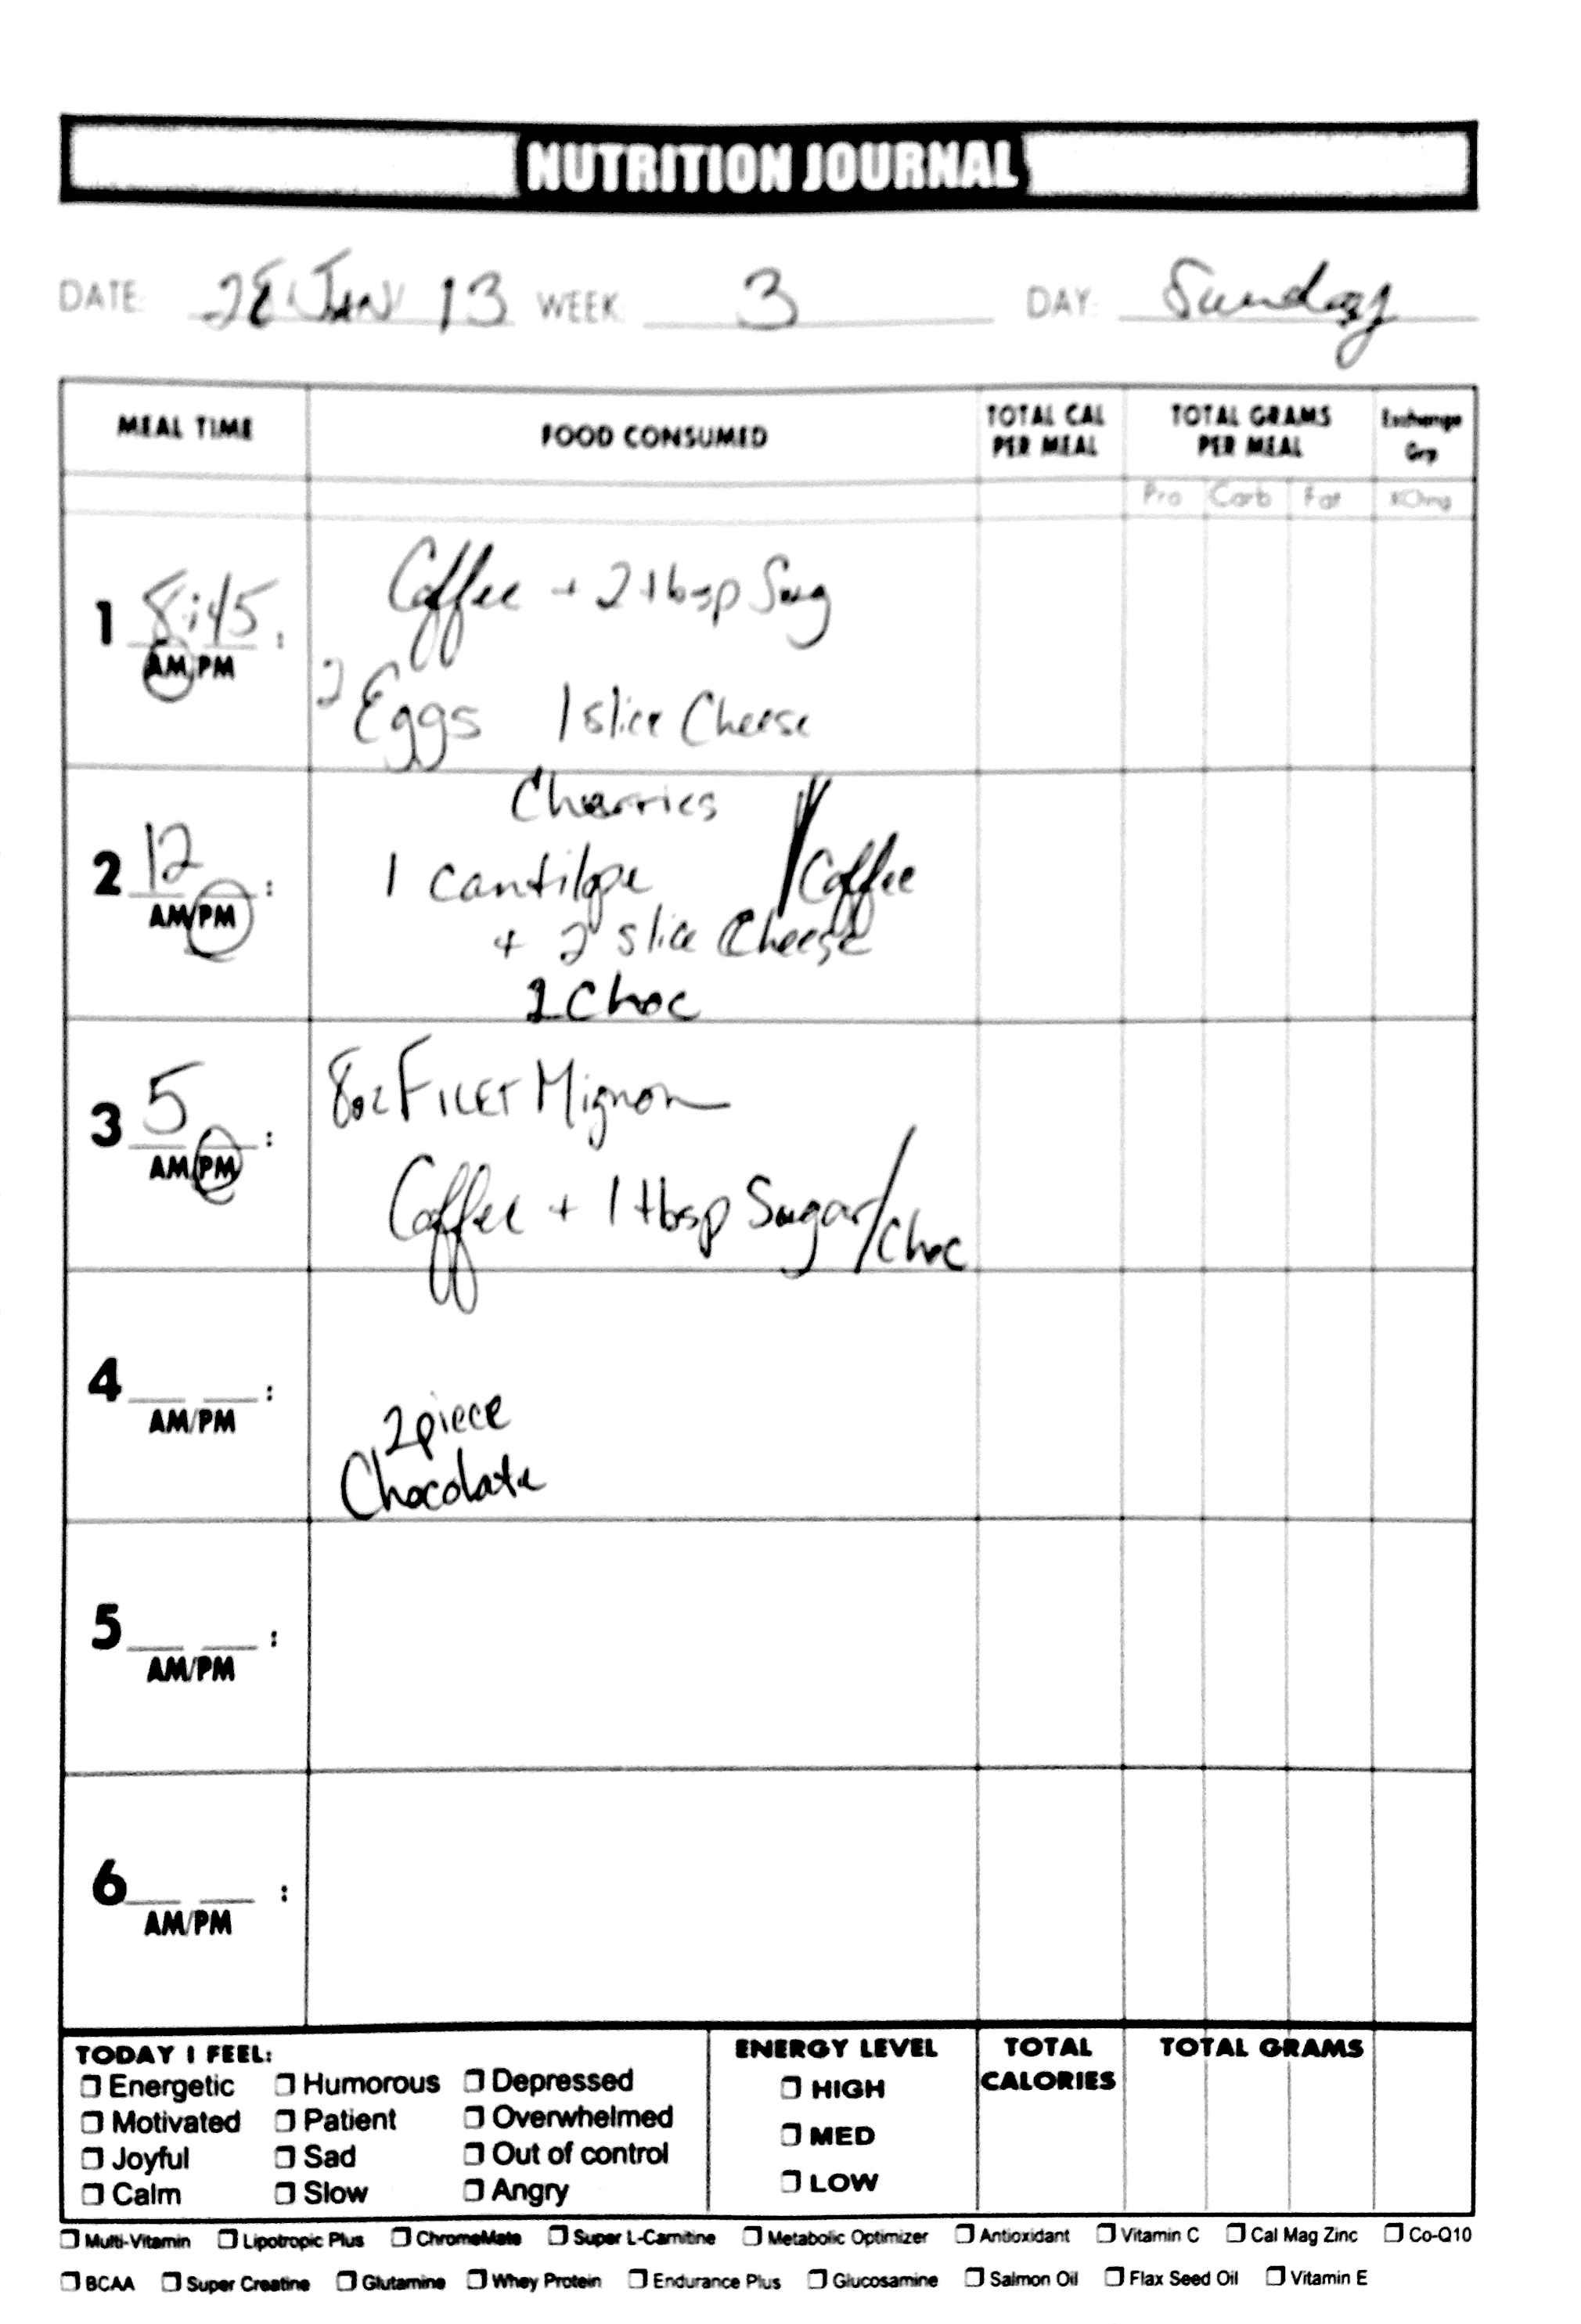 Doc - Feb 1, 2013, 7-21 PM - p2